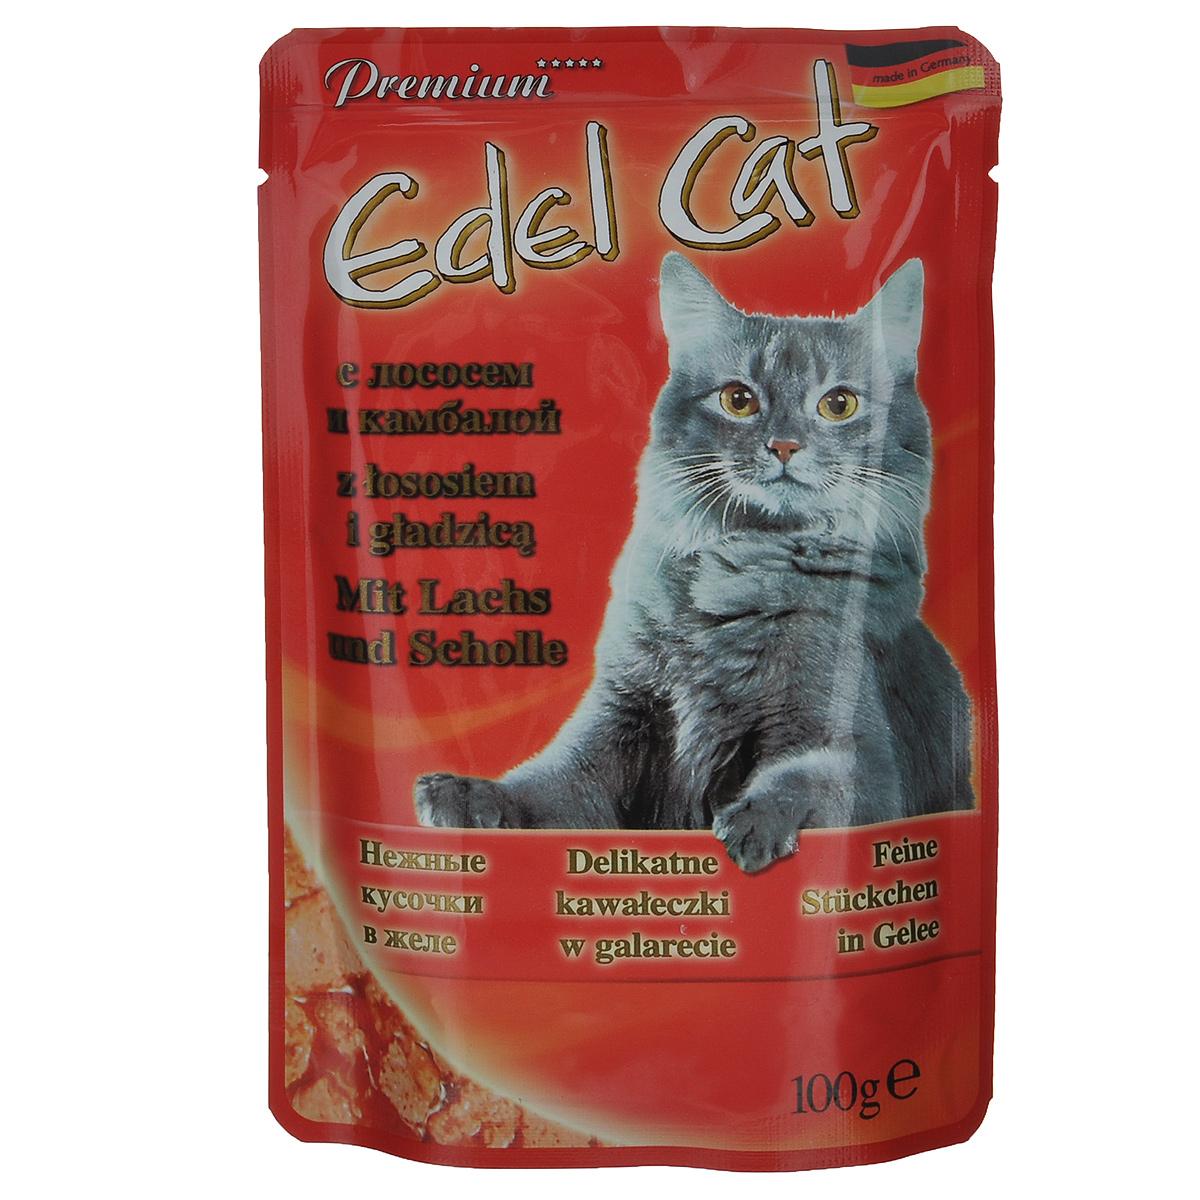 Консервы для кошек Edel Cat, с лососем и камбалой в желе, 100 г15146Консервы для кошек Edel Cat - полнорационный корм для взрослых кошек. Edel Cat с лососем и камбалой понравится вашей пушистой привереде. В изготовлении продукта была задействована только свежая отборная рыба. В корм не входят усилители вкуса и консерванты, поэтому ваши питомцы будут наслаждаться только натуральным вкусом рыбы. Лакомство содержит всевозможные полезные элементы. Например, в составе обнаруживается клетчатка. А это говорит о том, что продукт будет легко усваиваться. К тому же будет оказываться благотворное воздействие на желудок и пищеварительную систему. Edel Cat богат также жирными кислотами (омега-6, омега-3). Для организма кошек это очень важные элементы. Они улучшают состояние кожного покрова и шерсти. Кожа становится эластичной и увлажненной. У шерсти появляется здоровый блеск. Если вы погладите кошку, то заметите также, что шерсть стала более мягкой и гладкой. К тому же нельзя не отметить и то, что выпадение волос...